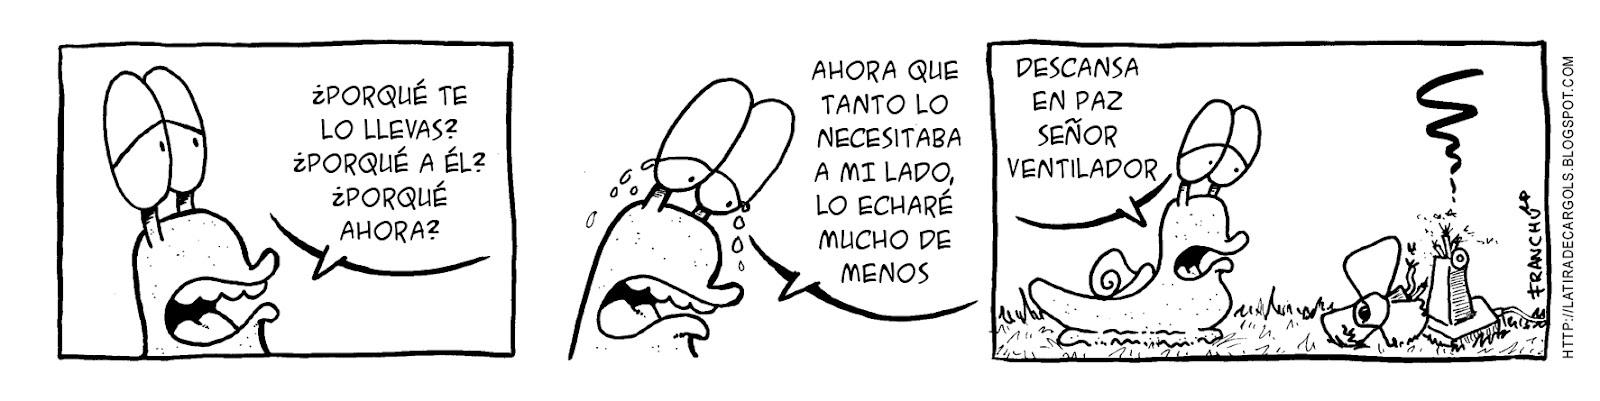 Tira comica 134 del webcomic Cargols del dibujante Franchu de Barcelona